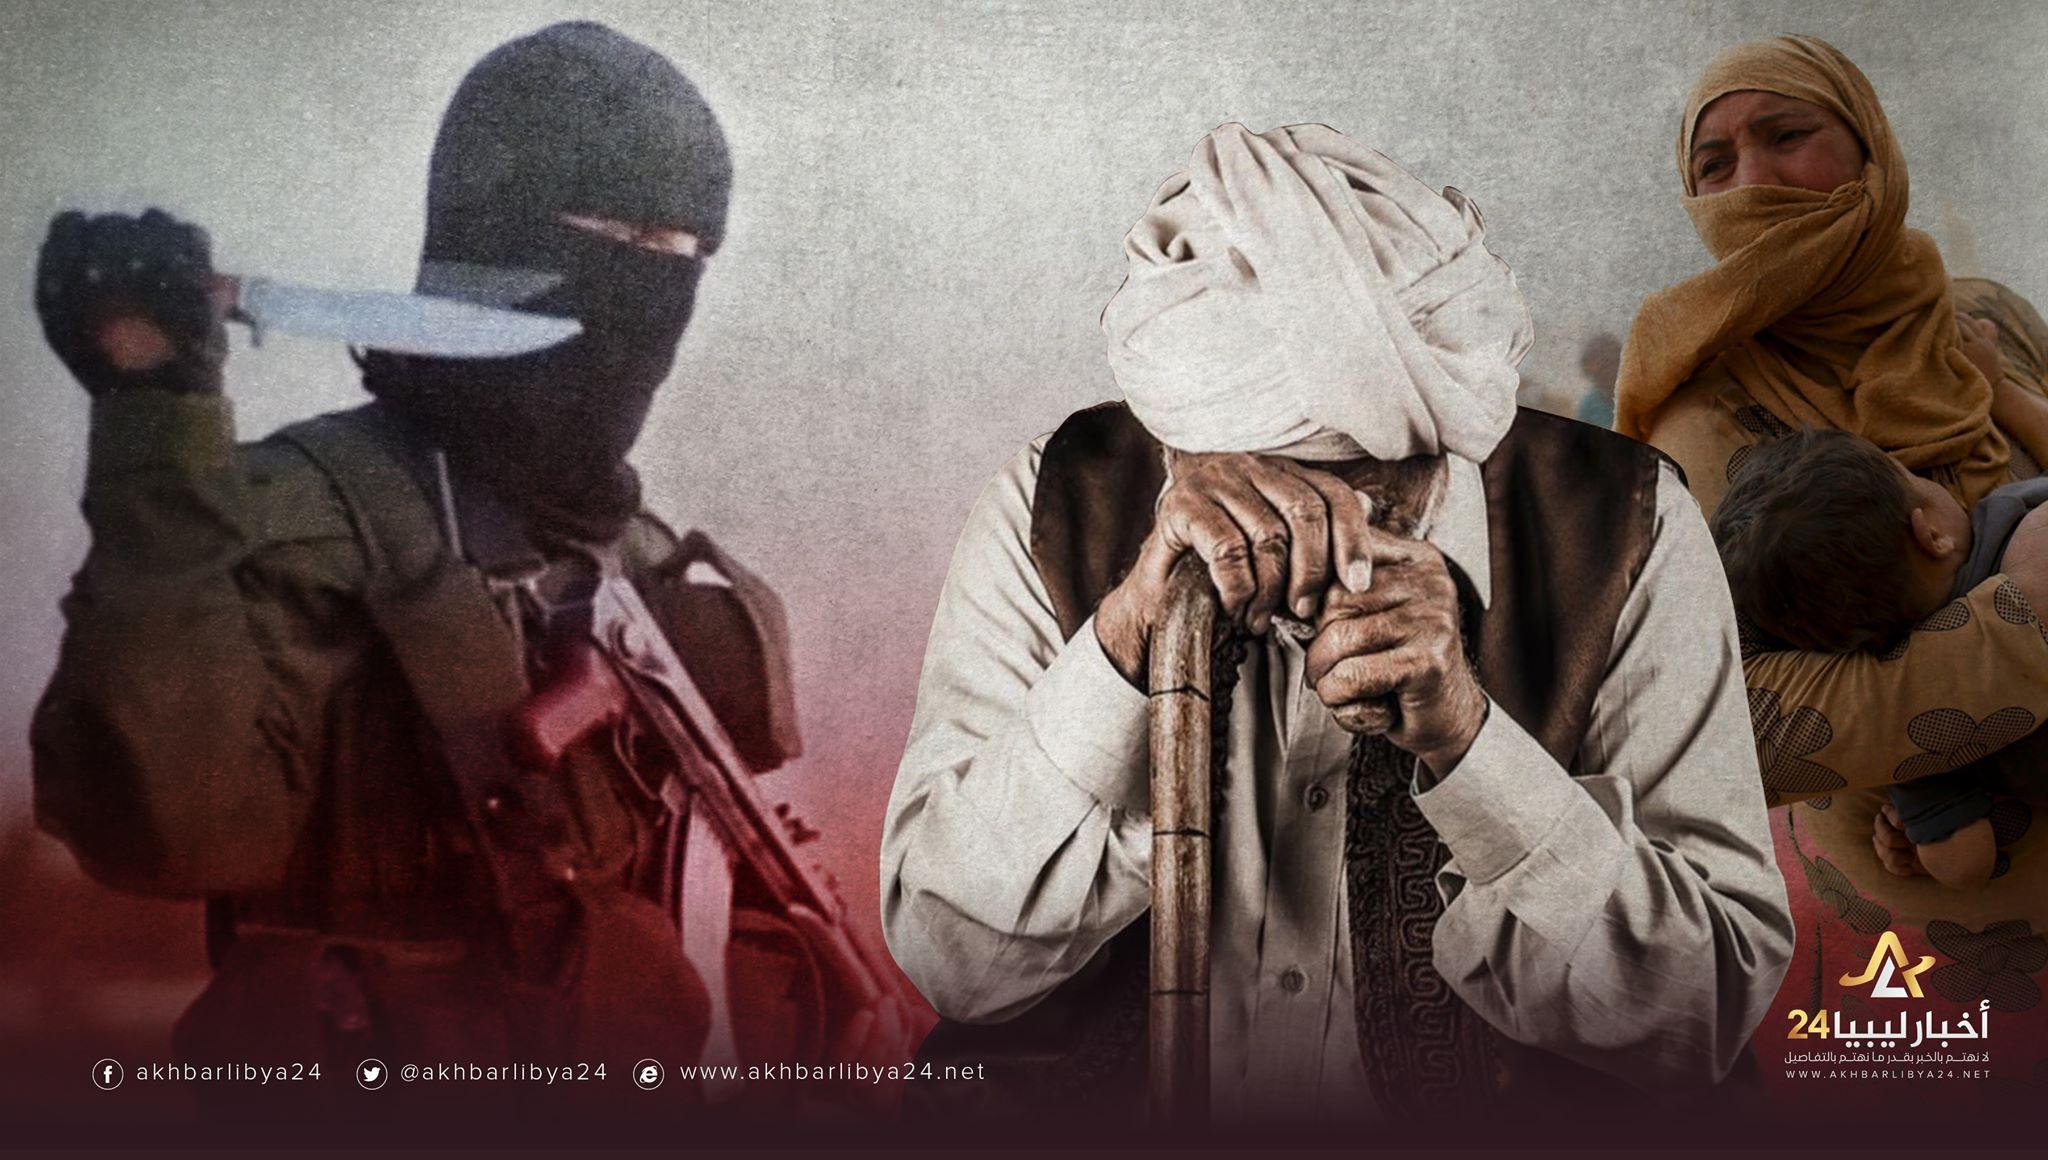 صورة الجزء الثاني | انتهاك صلة الرحم .. جرائم عناصر داعش ليثبتوا ولائهم